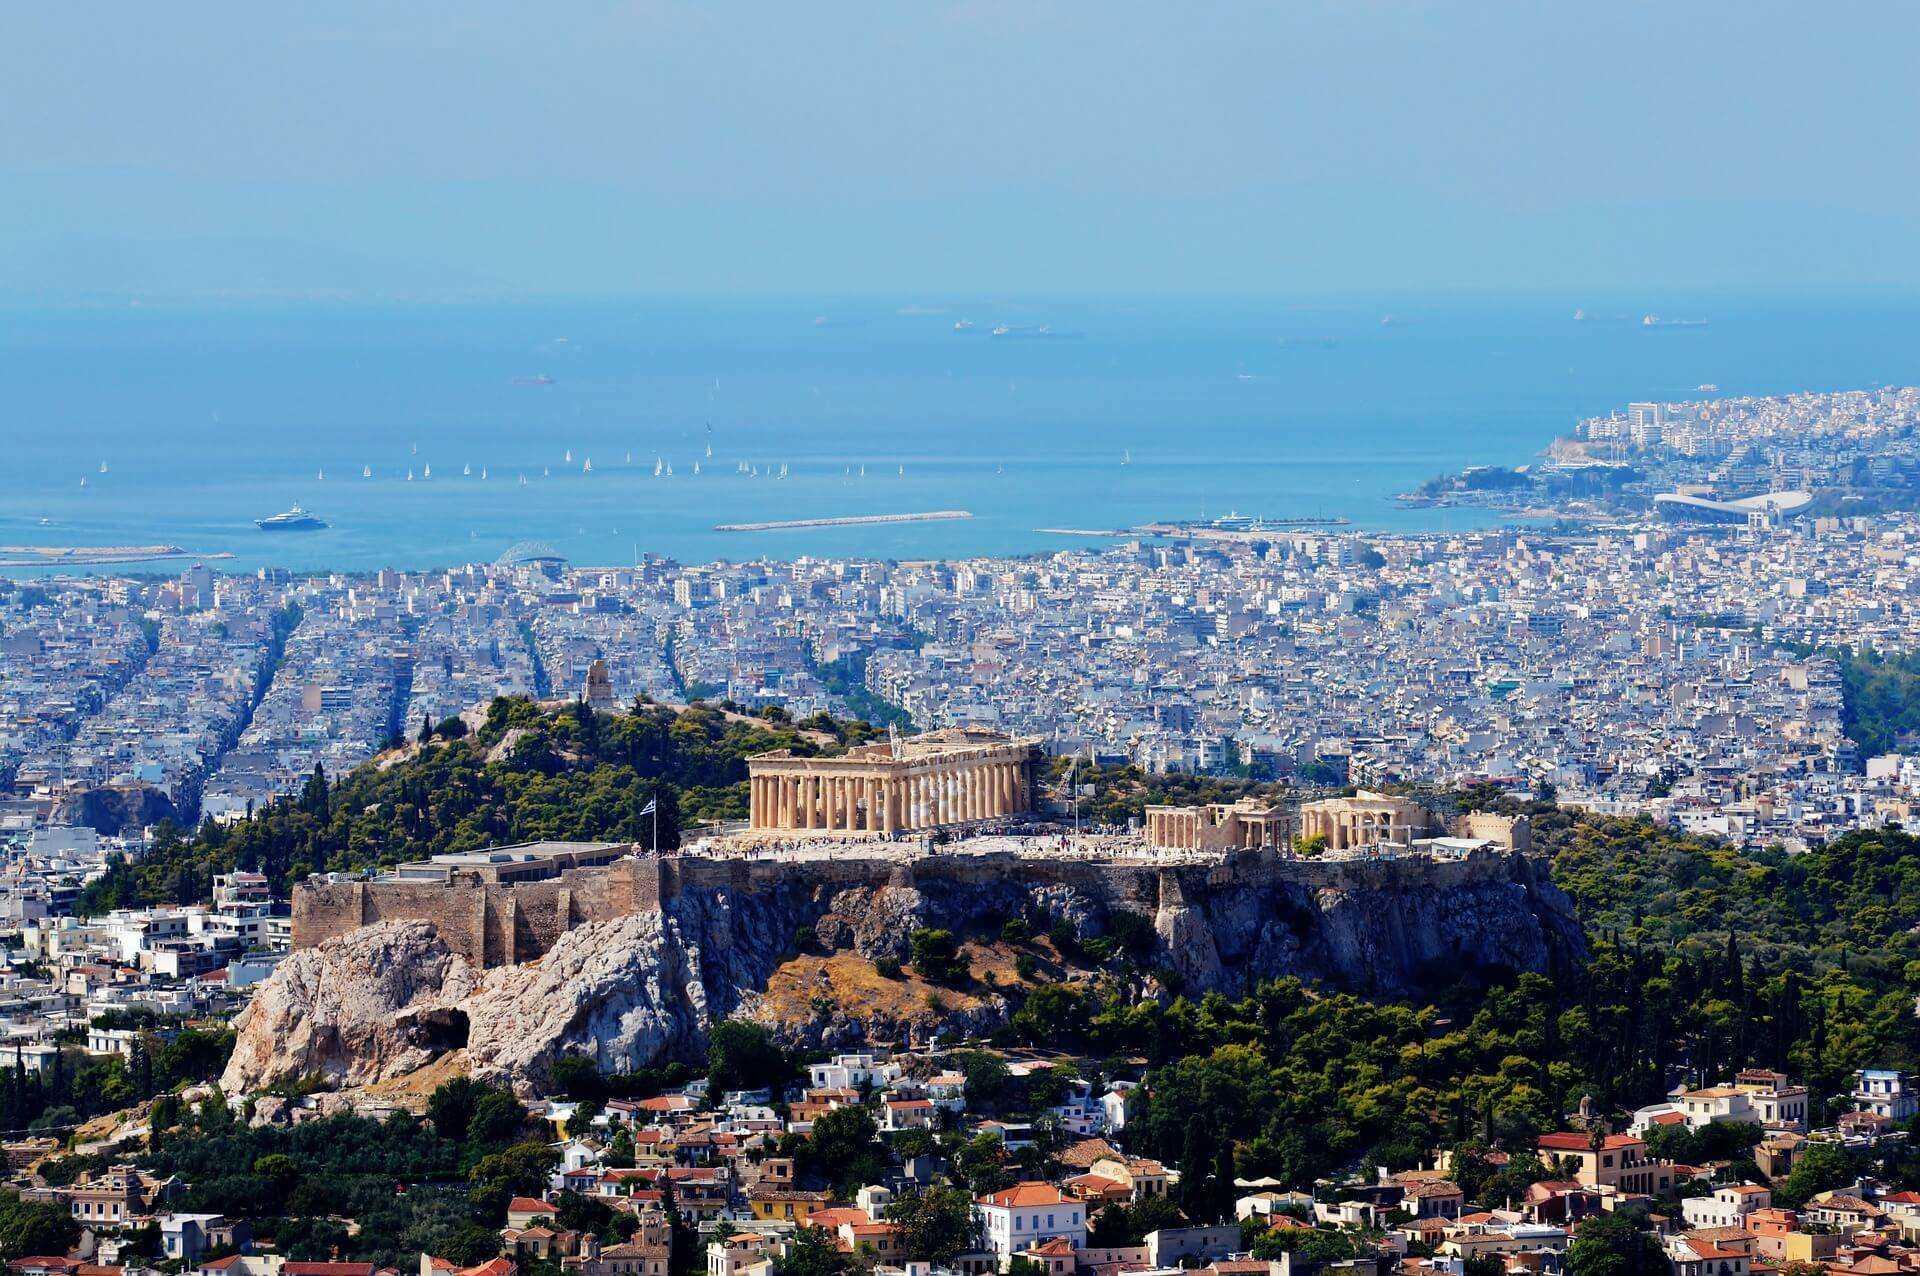 Direktflüge und Billigflüge ab Dresden nach Athen